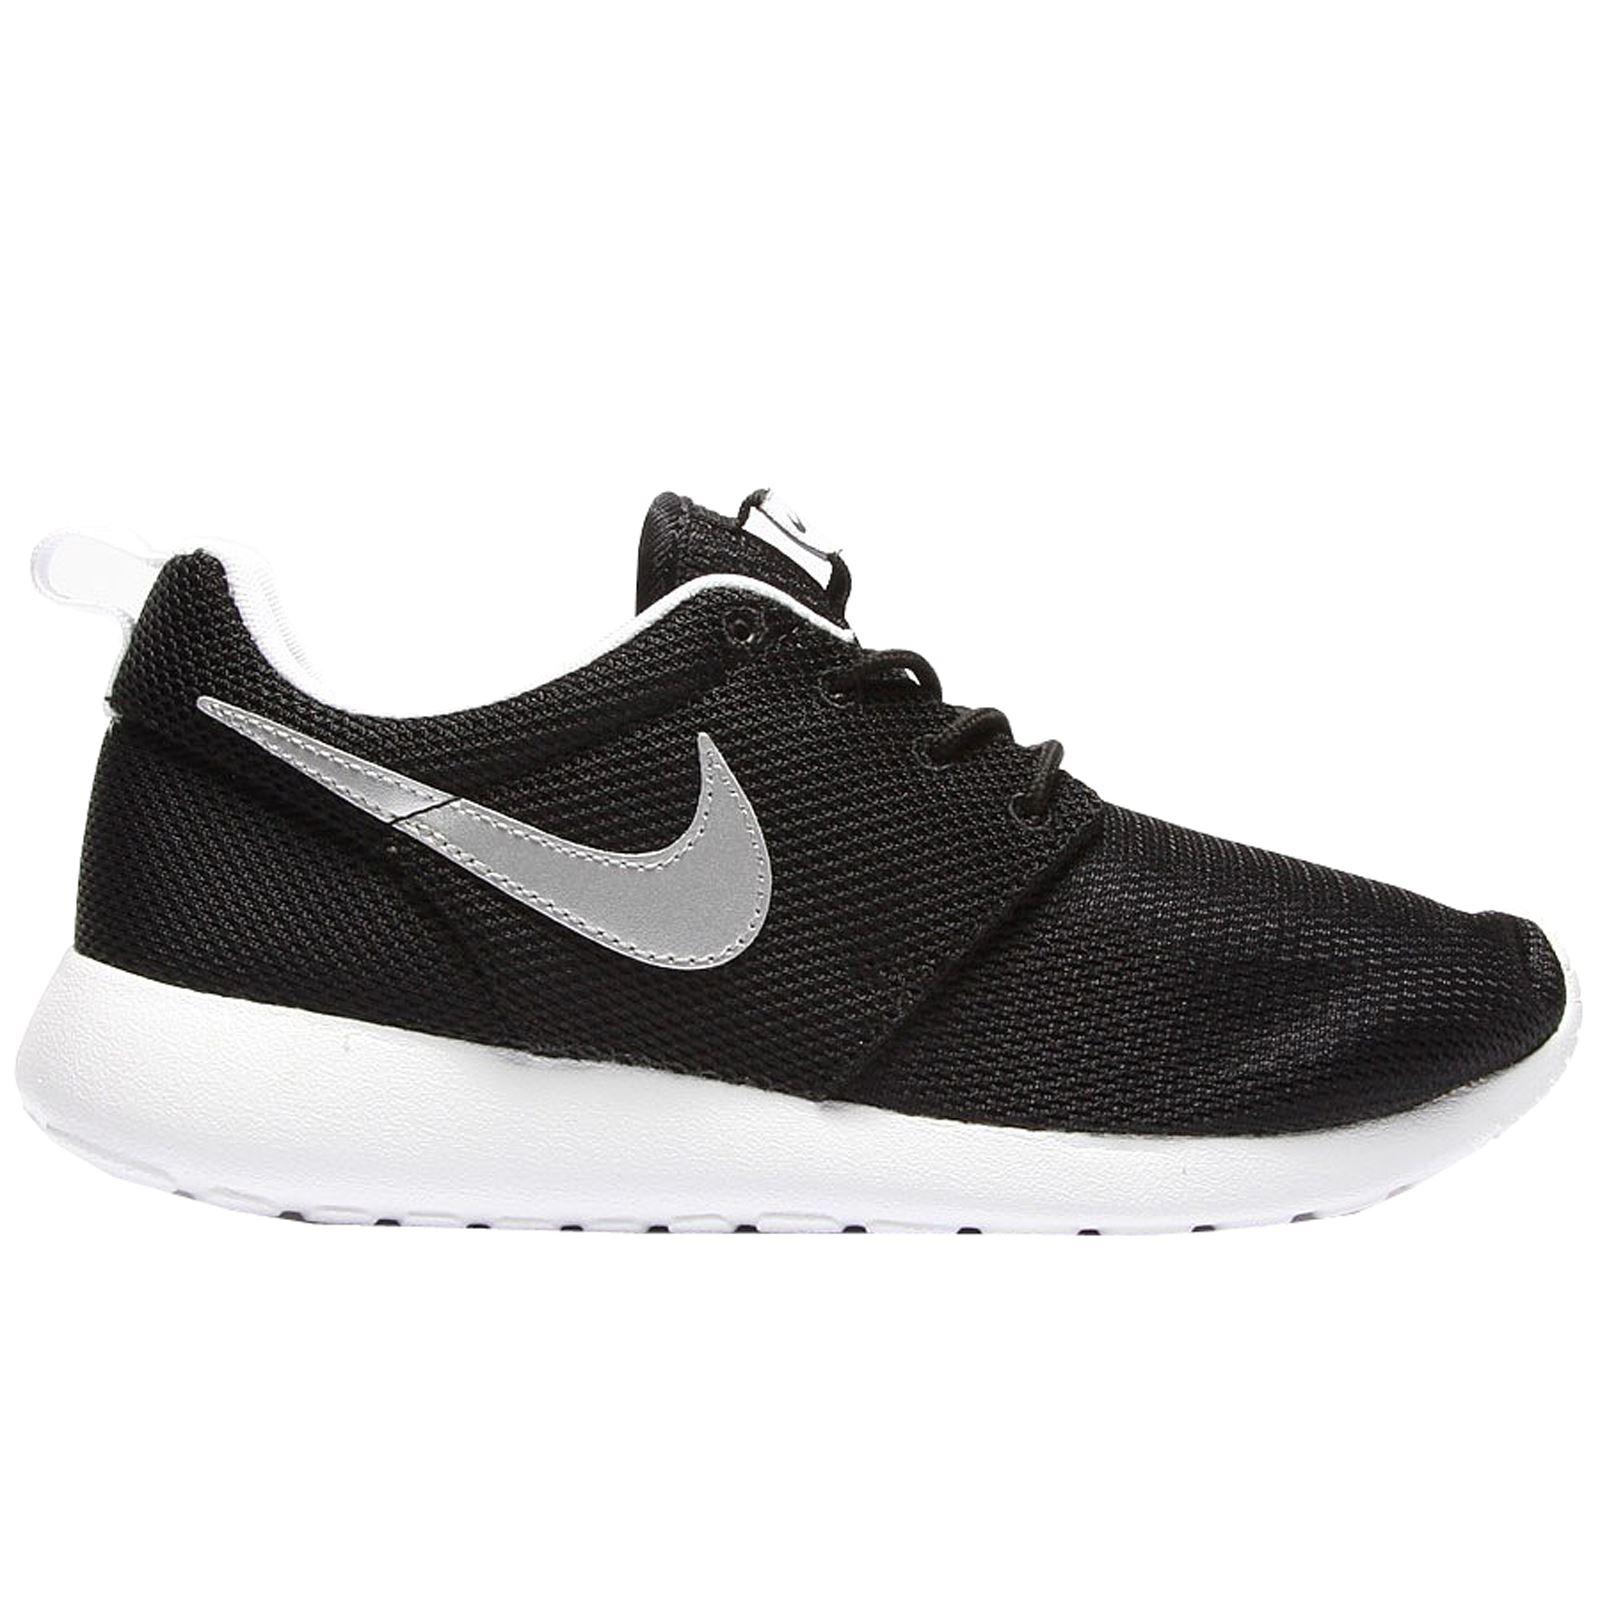 Nike Roshe Run Youth Size 6 Nike Roshe Run Youth Size 6 5  ff196f75133c